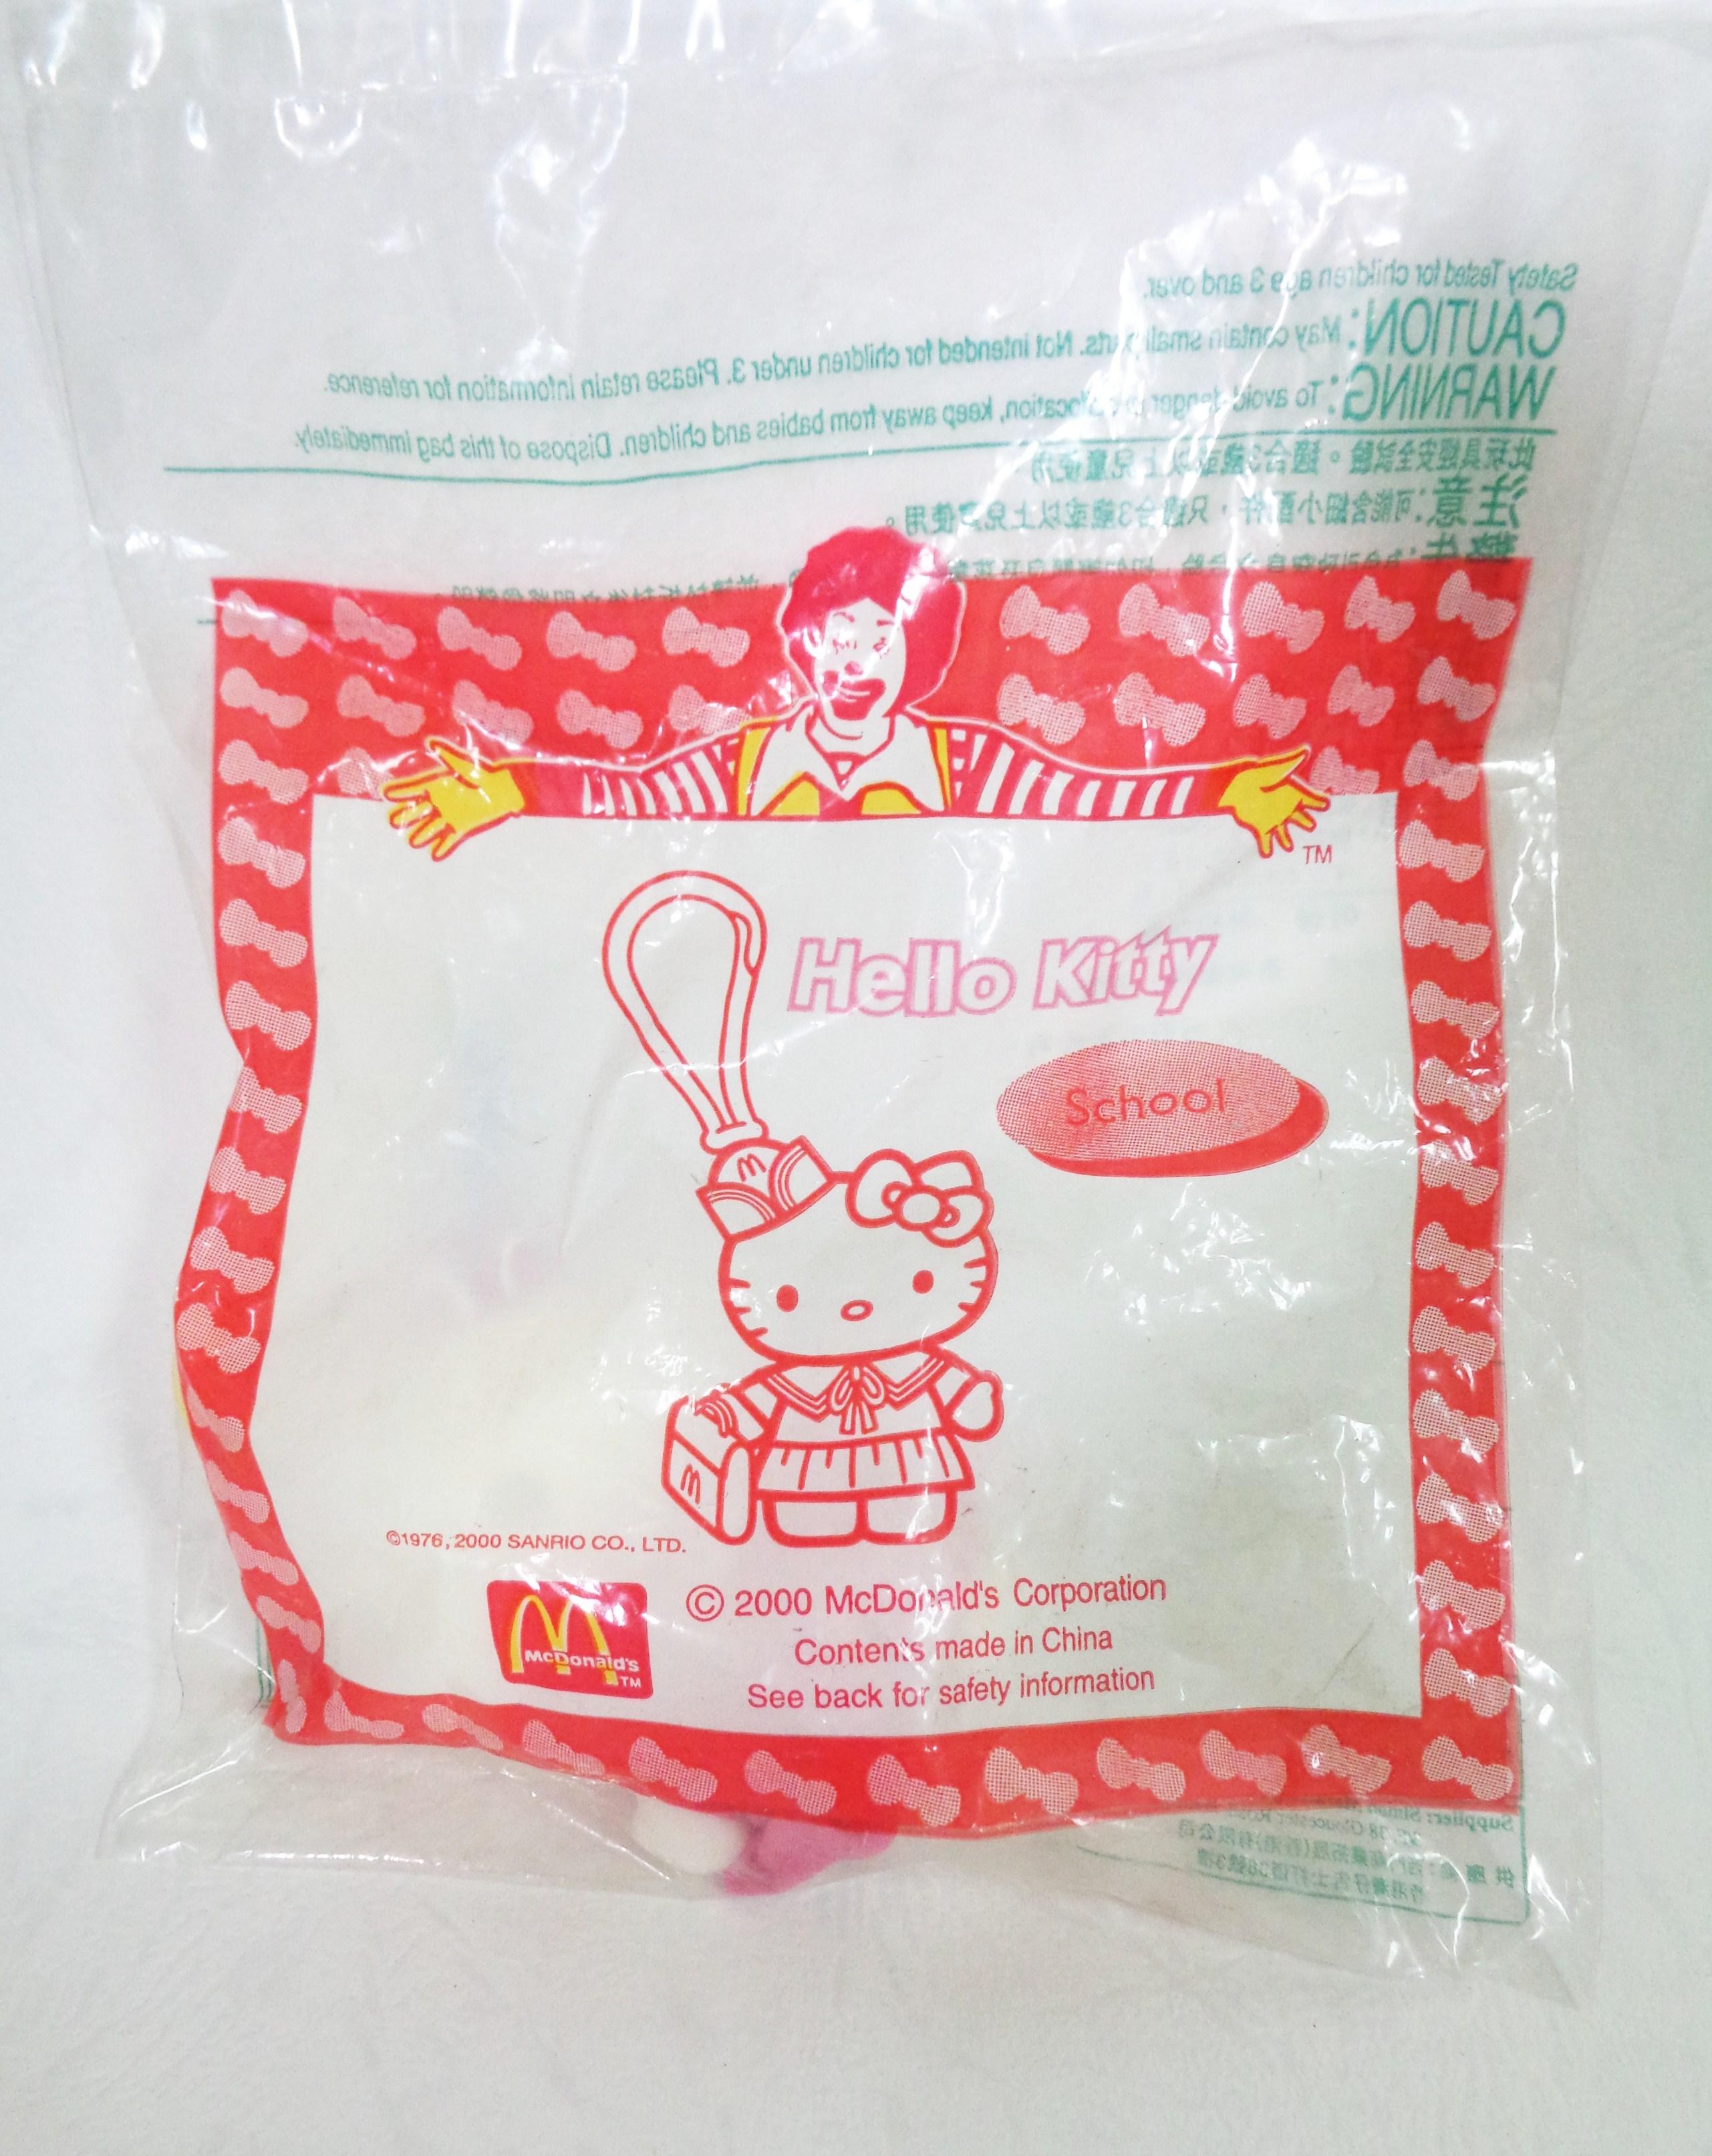 Hello Kitty : School ของ Mcdonald's